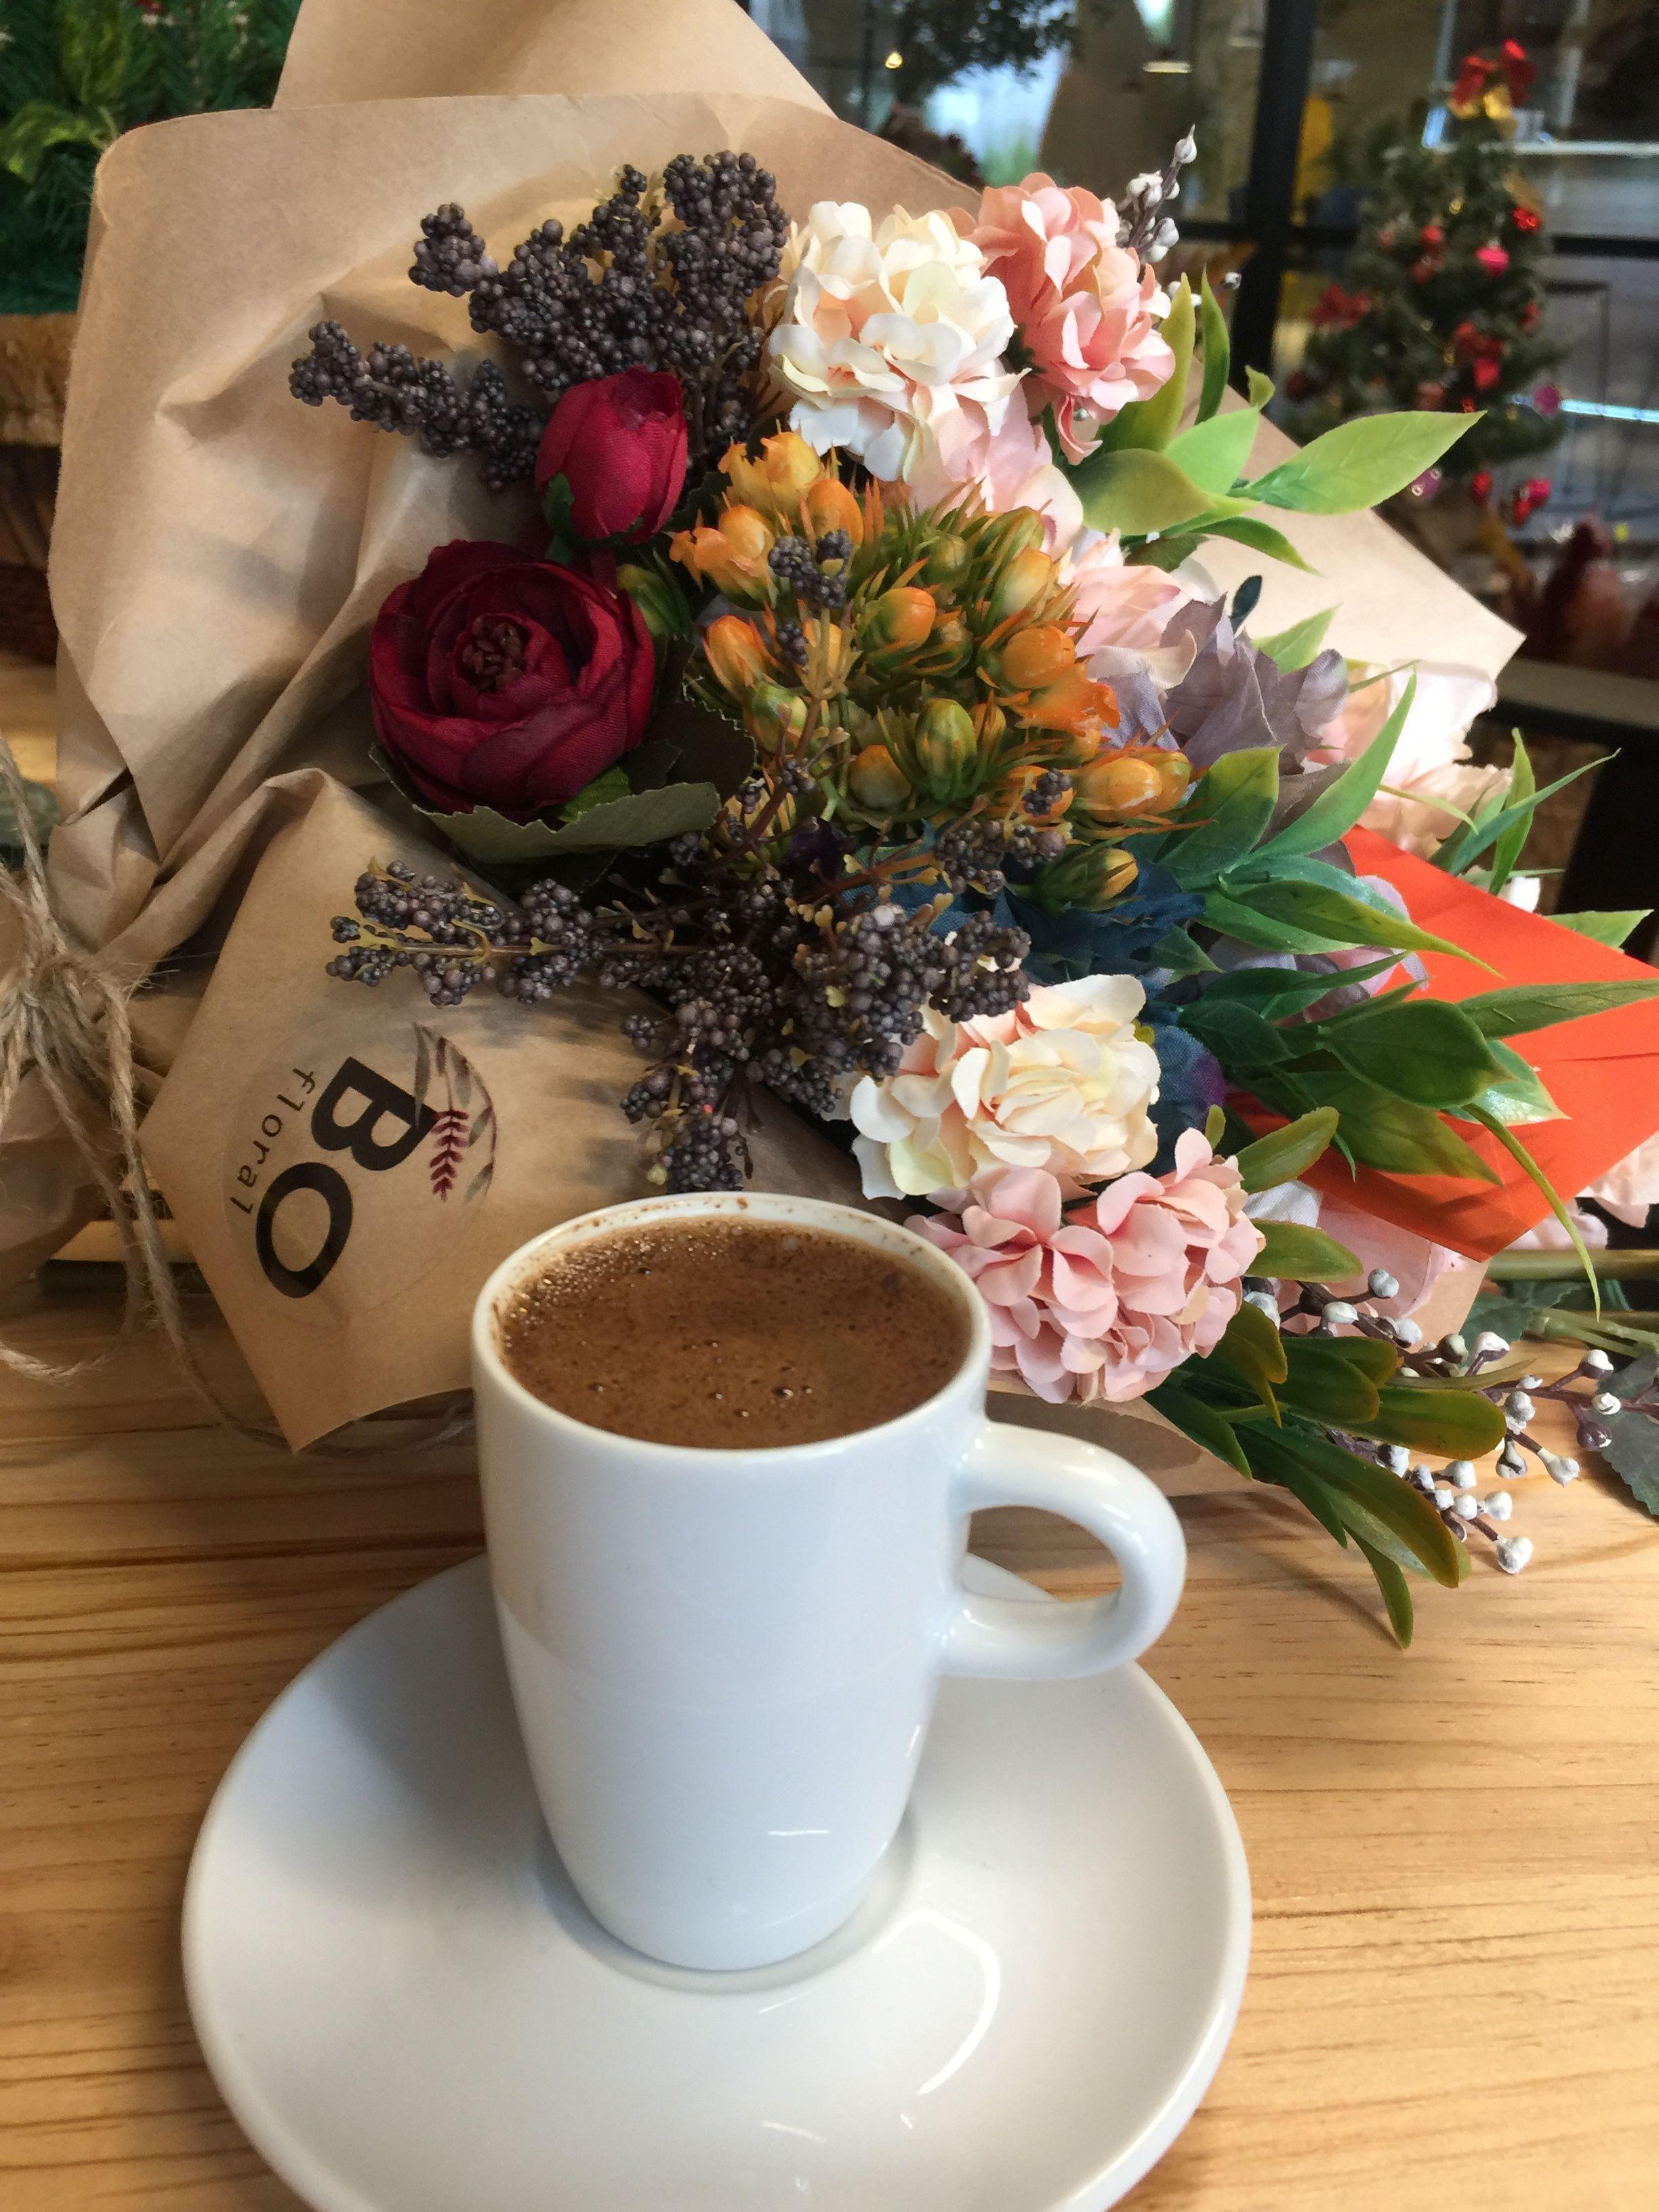 красивый букет цветов и чашка кофе составленный готовый